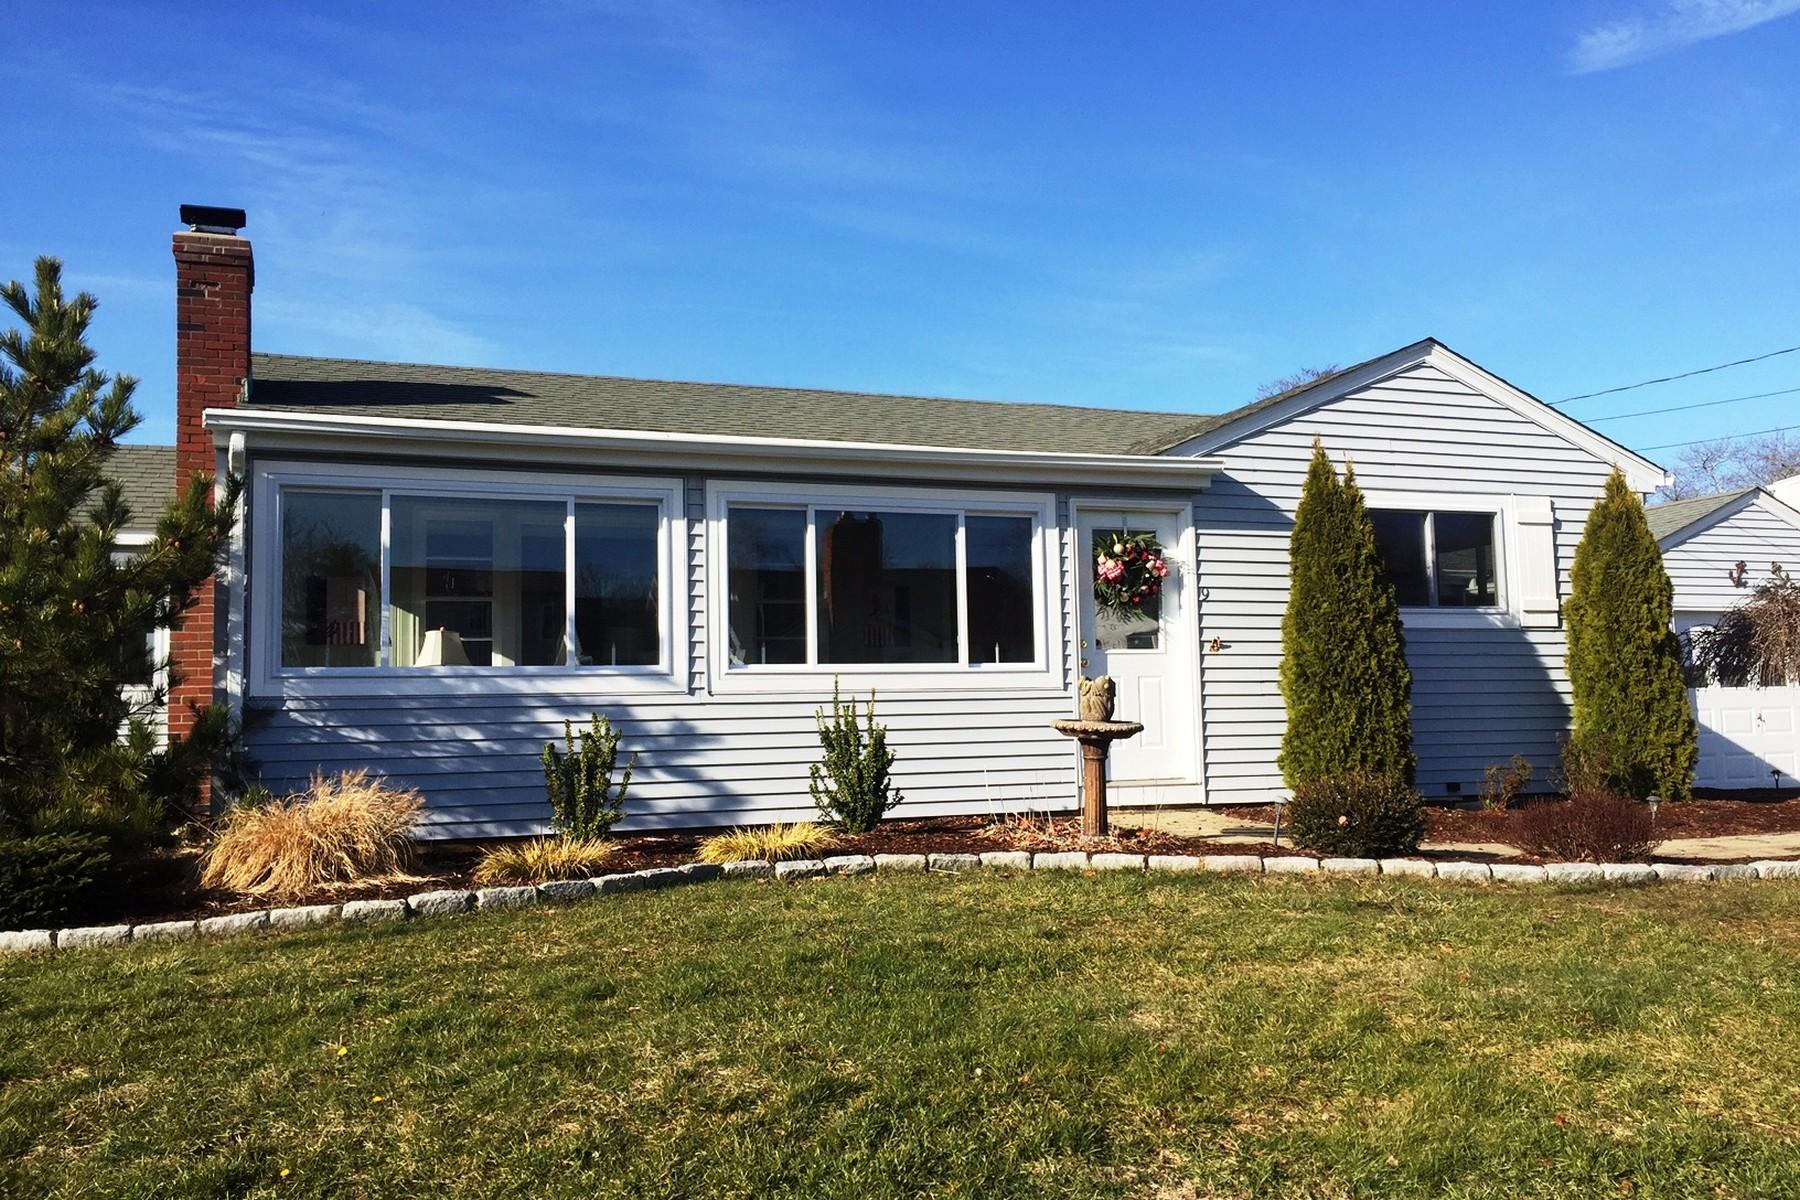 Maison unifamiliale pour l Vente à Live in Fabulous Indian Town Year Round! 9 Mohican Trail Old Saybrook, Connecticut, 06475 États-Unis